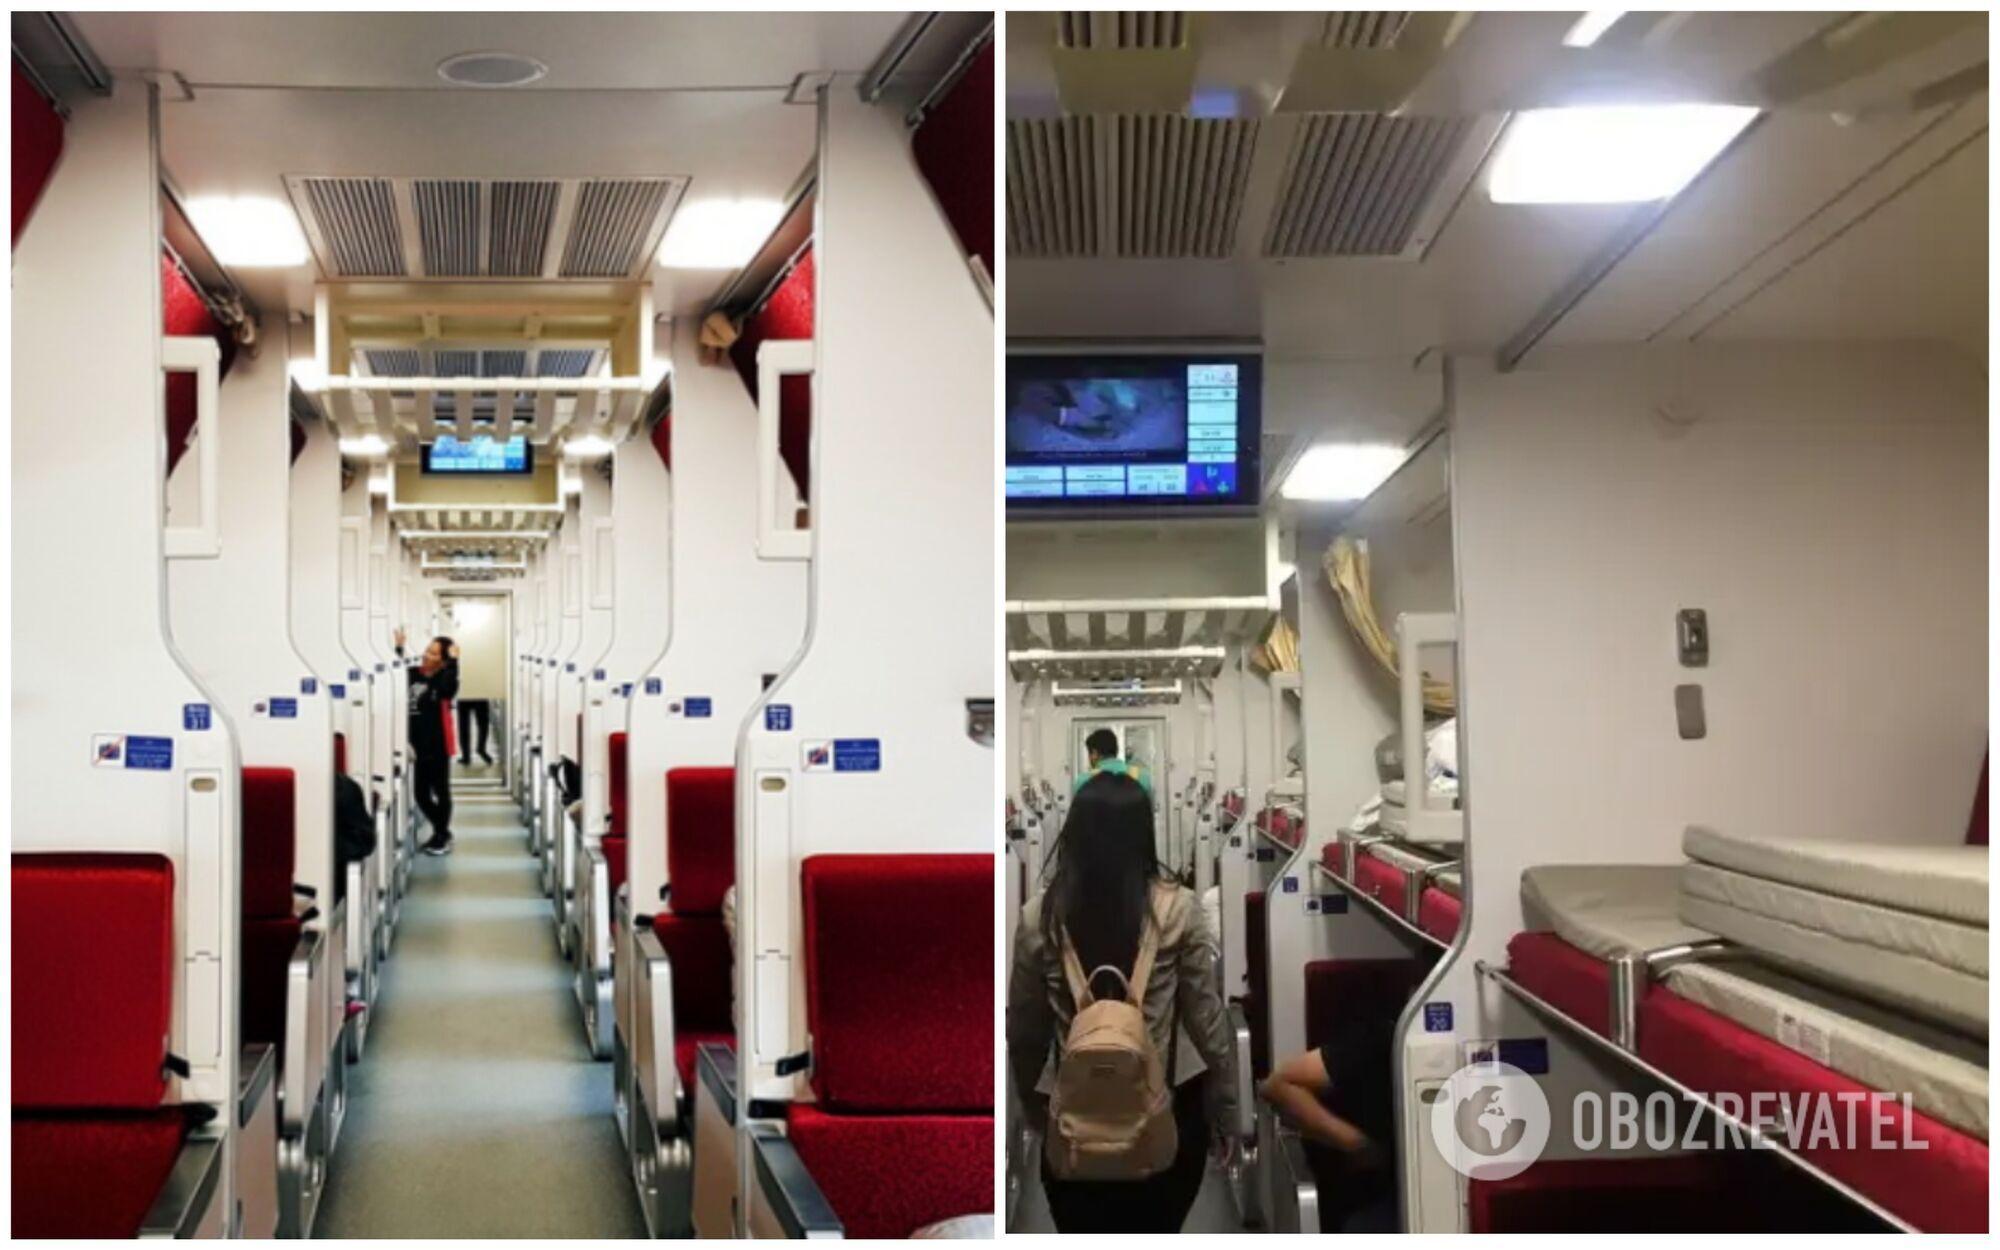 Плацкартні вагони в Таїланді належать до другого класу комфорту